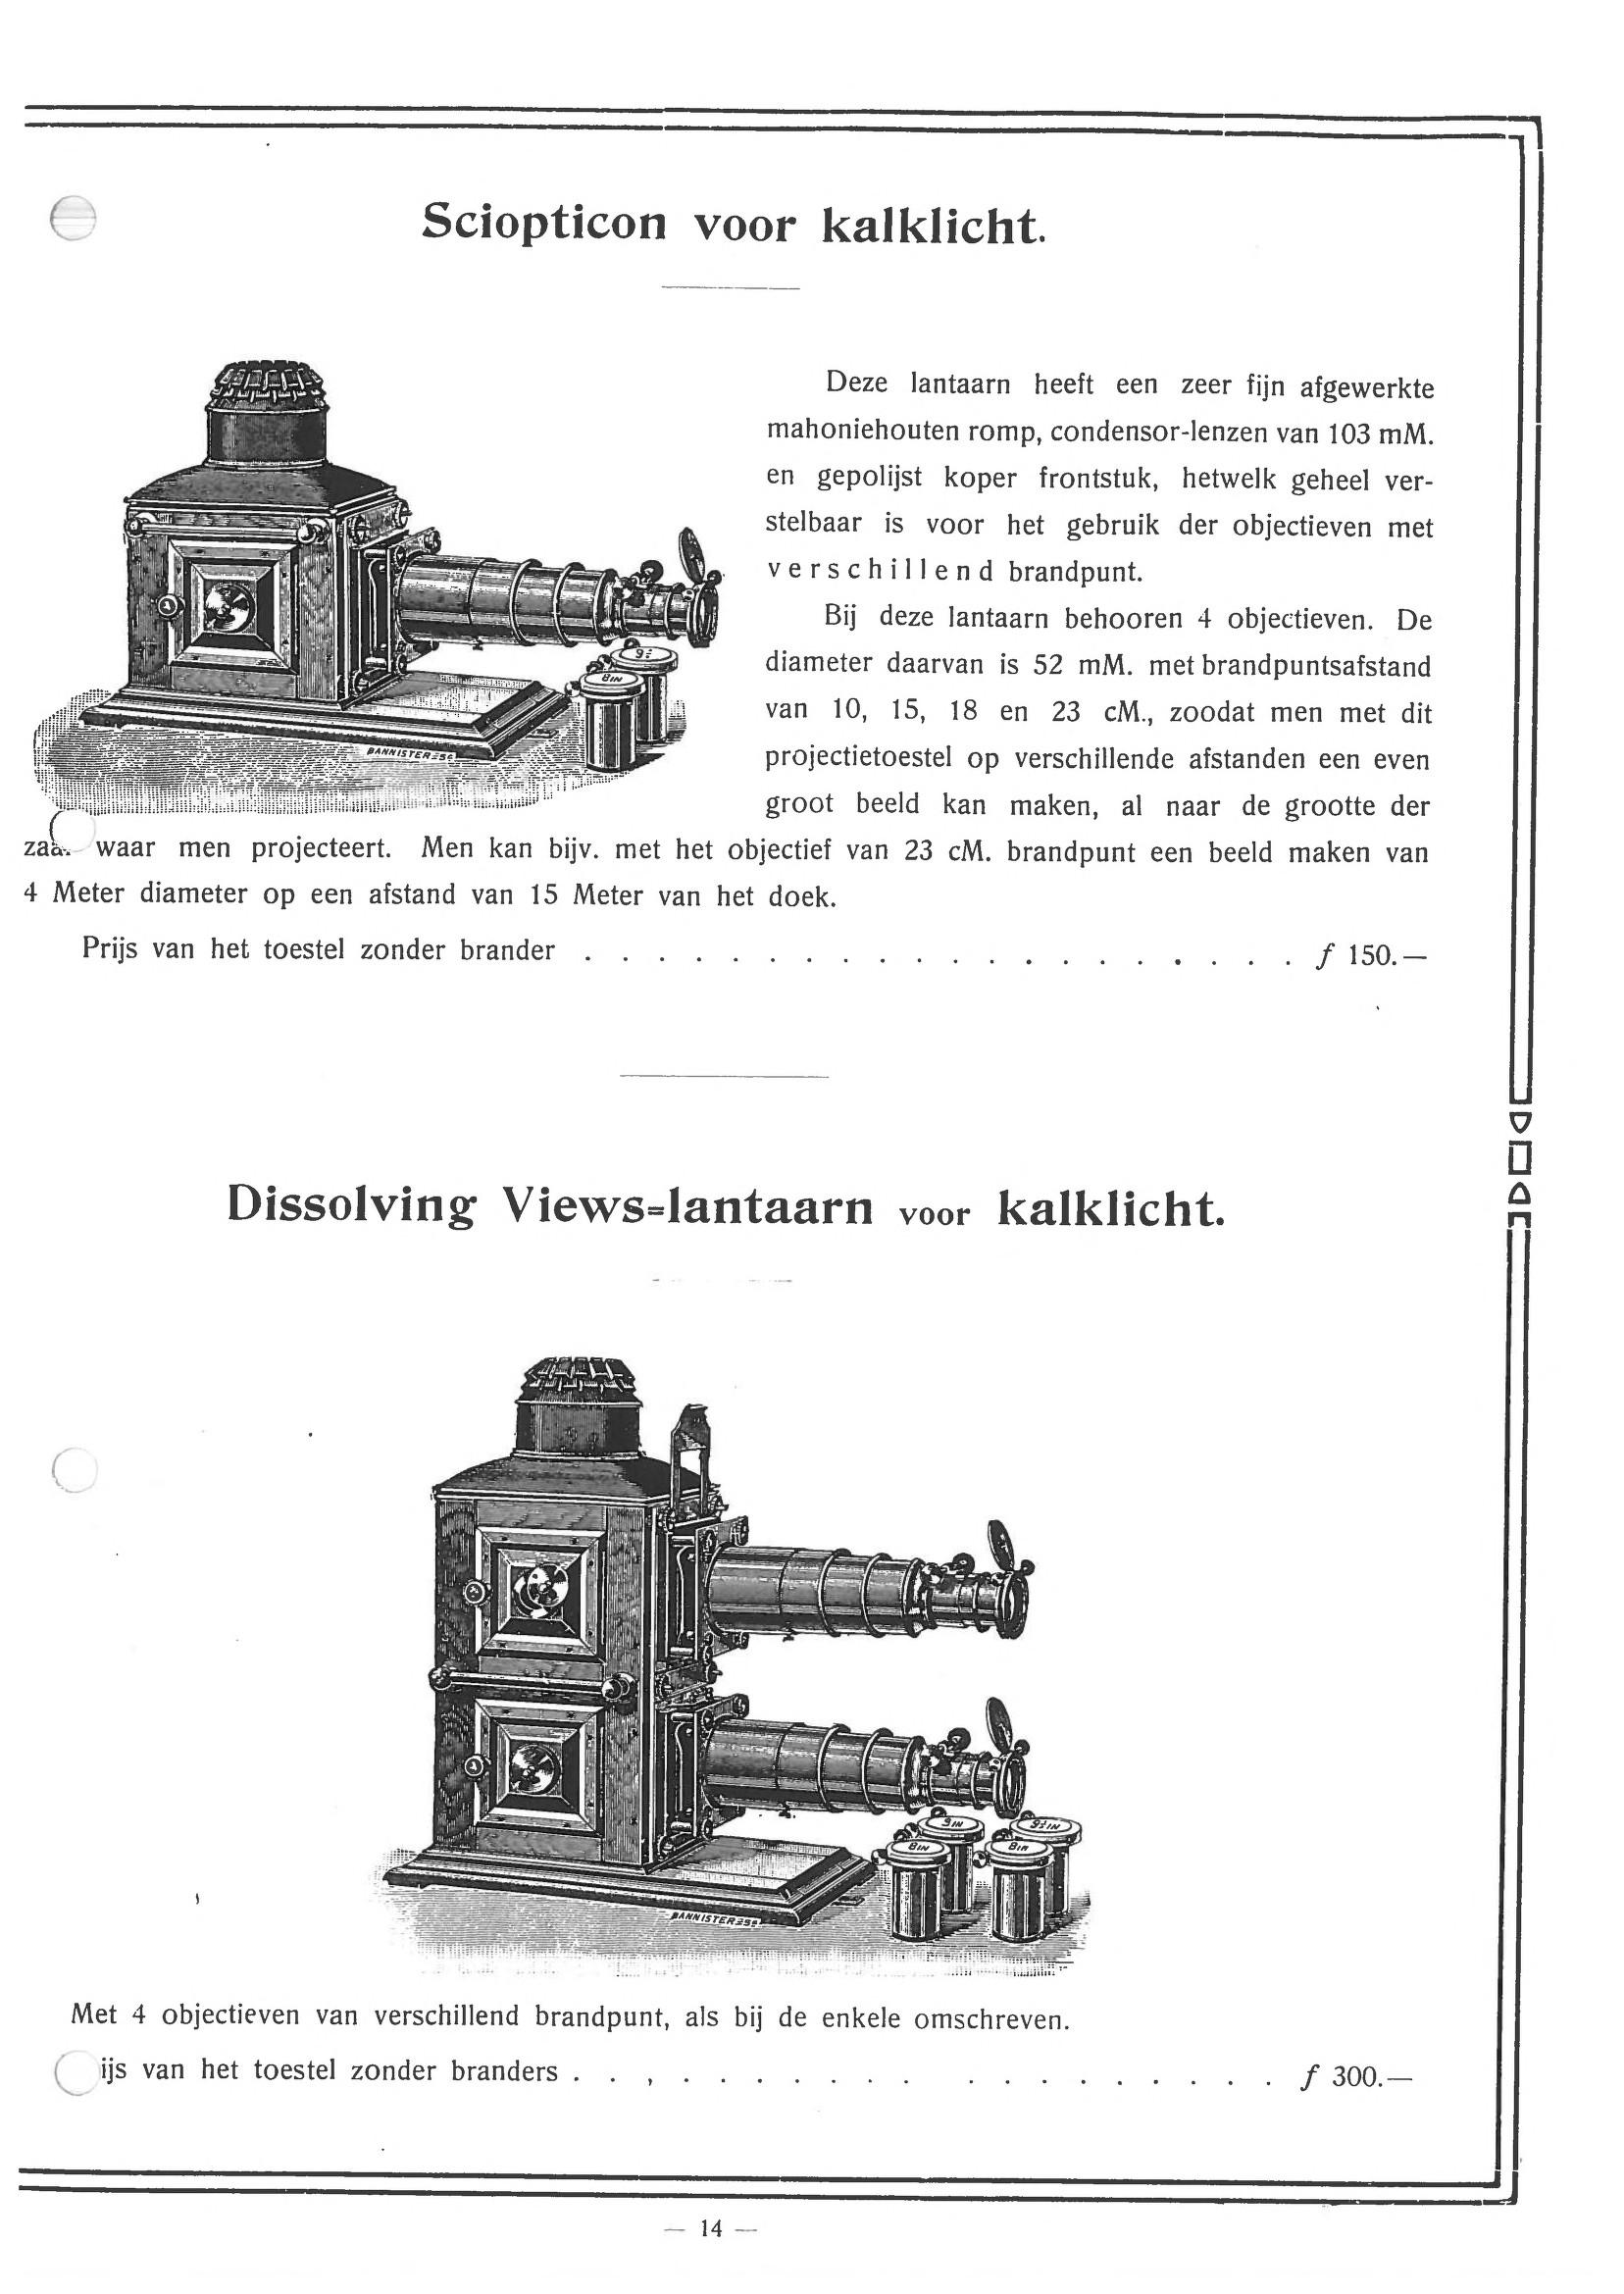 Merkelbach_prijscourant_1909_jp2.zip&file=merkelbach_prijscourant_1909_jp2%2fmerkelbach_prijscourant_1909_0015